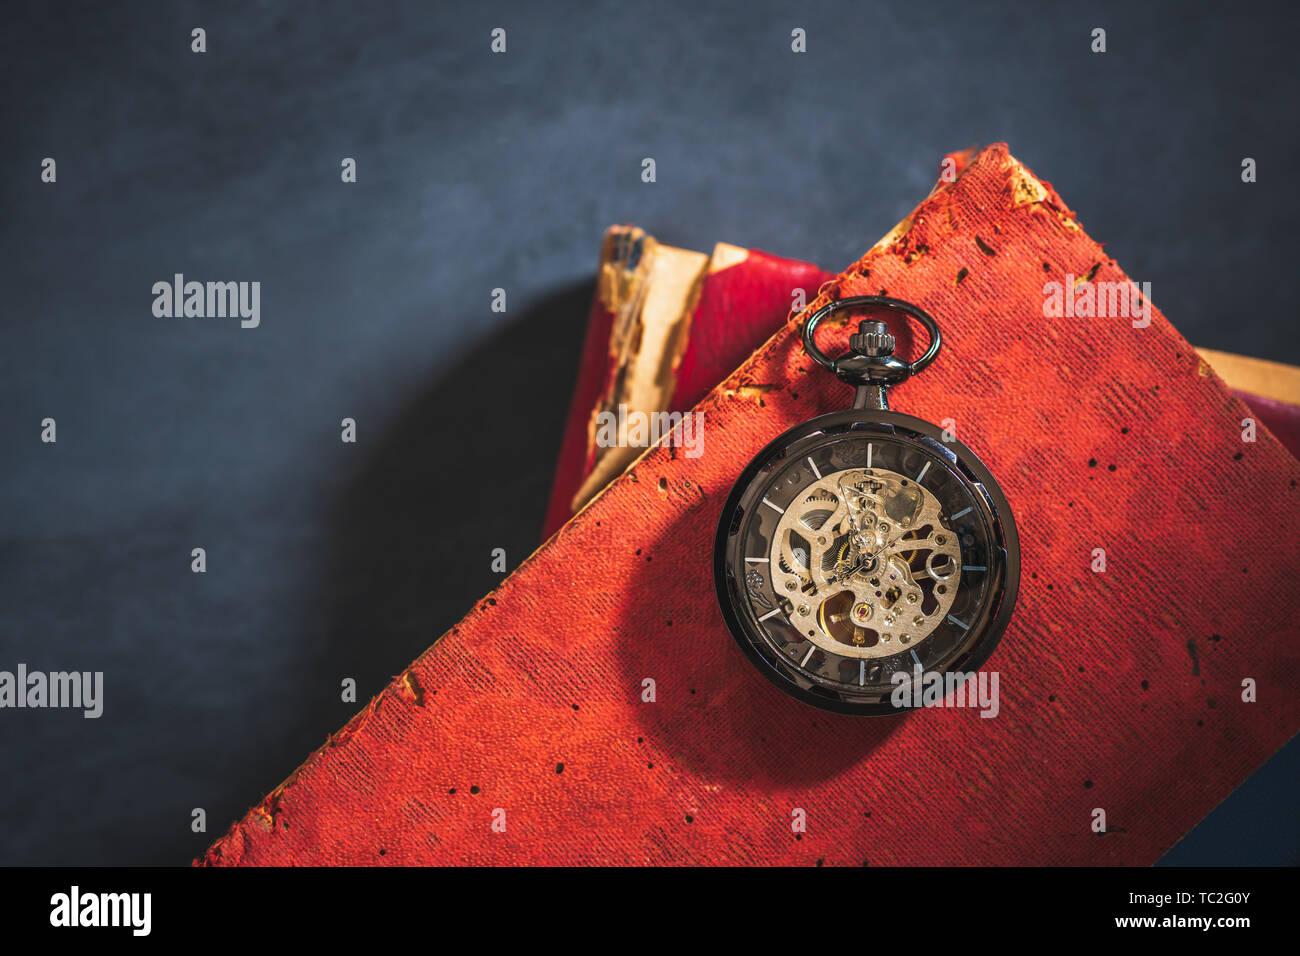 Montre de poche et vieux livre sur plancher de béton. Vue de dessus et copiez l'espace pour le texte. Concept du temps et de l'éducation. Photo Stock